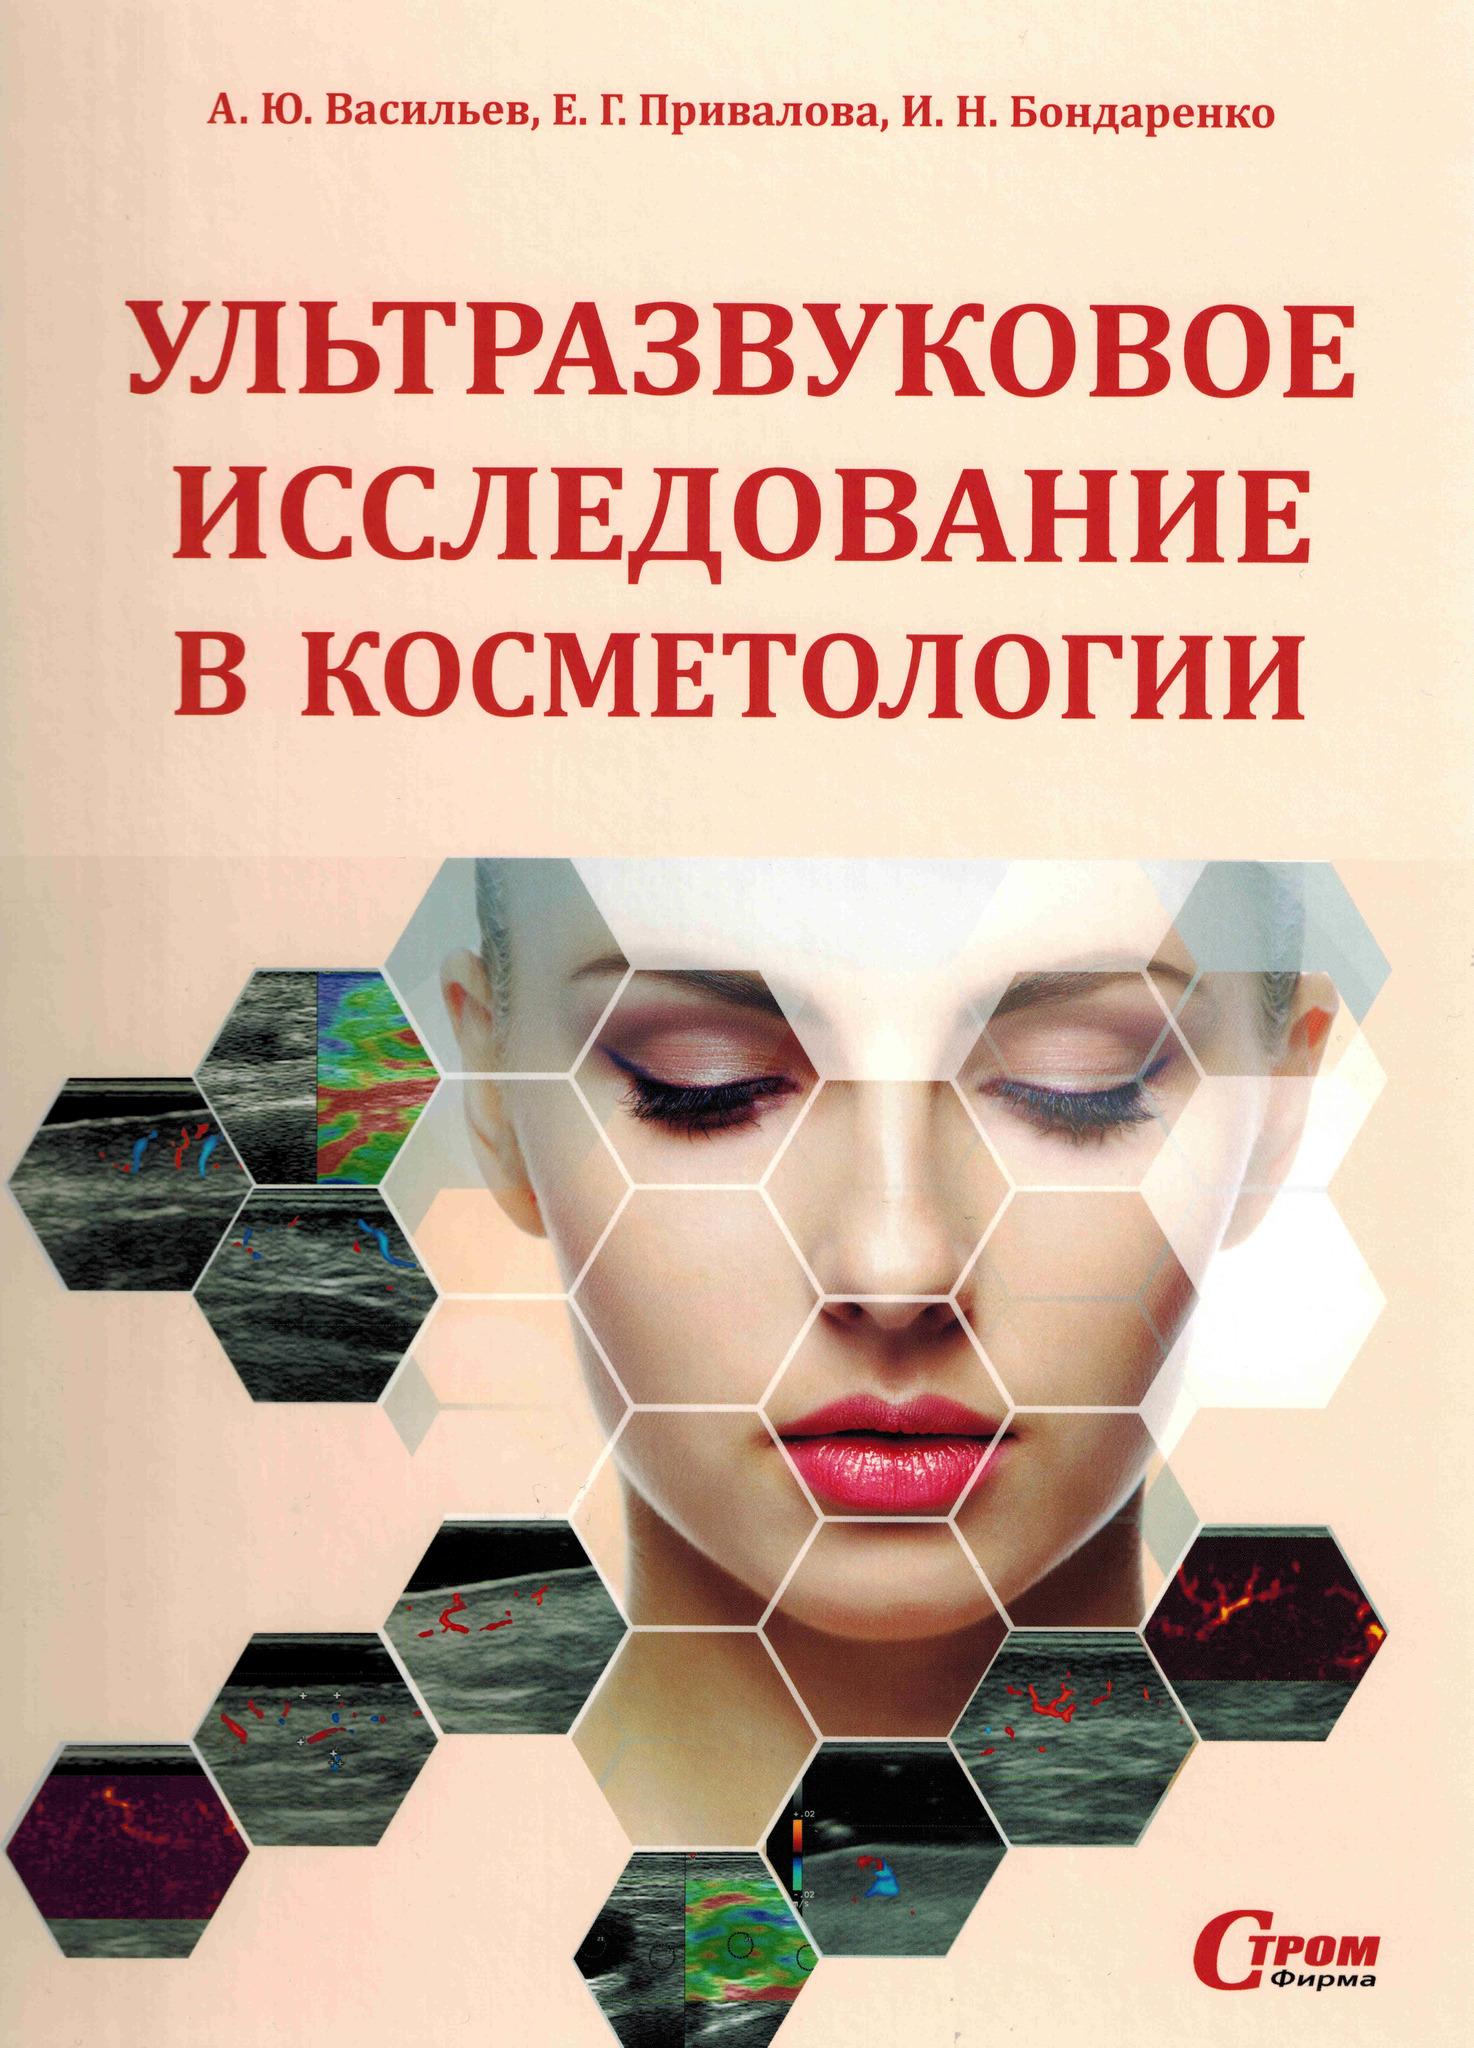 Новинки Ультразвуковое исследование в косметологии uzvk.jpg